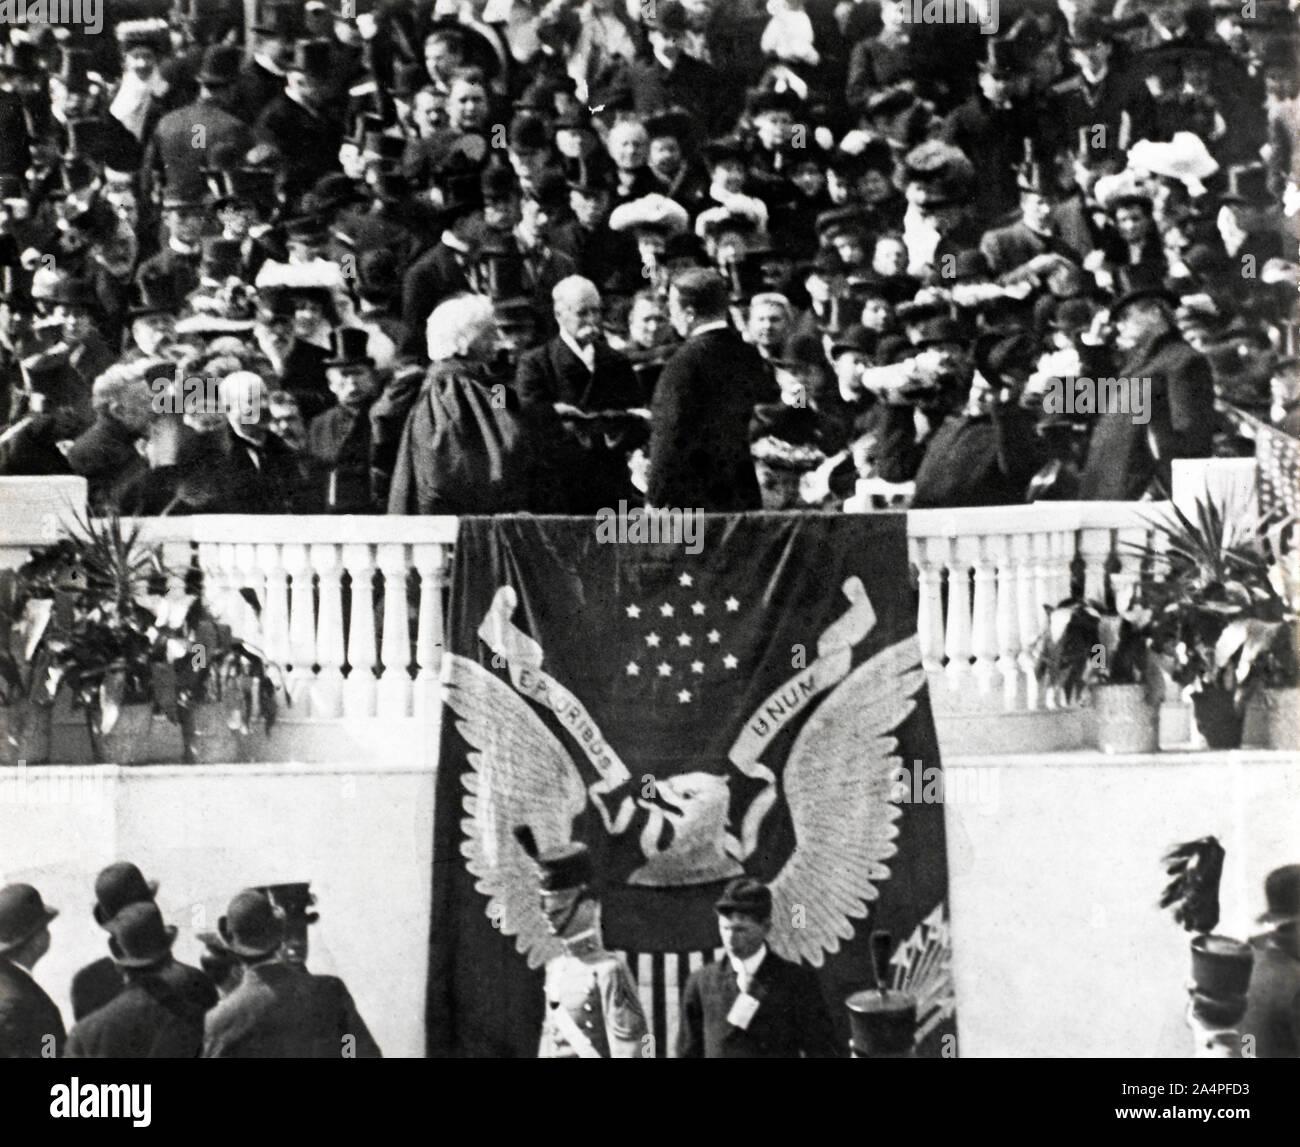 El Presidente de los Estados Unidos Theodore Roosevelt tomando el juramento de cargo en su discurso de investidura, Washington, D.C., Estados Unidos, 4 de marzo de 1905 Foto de stock